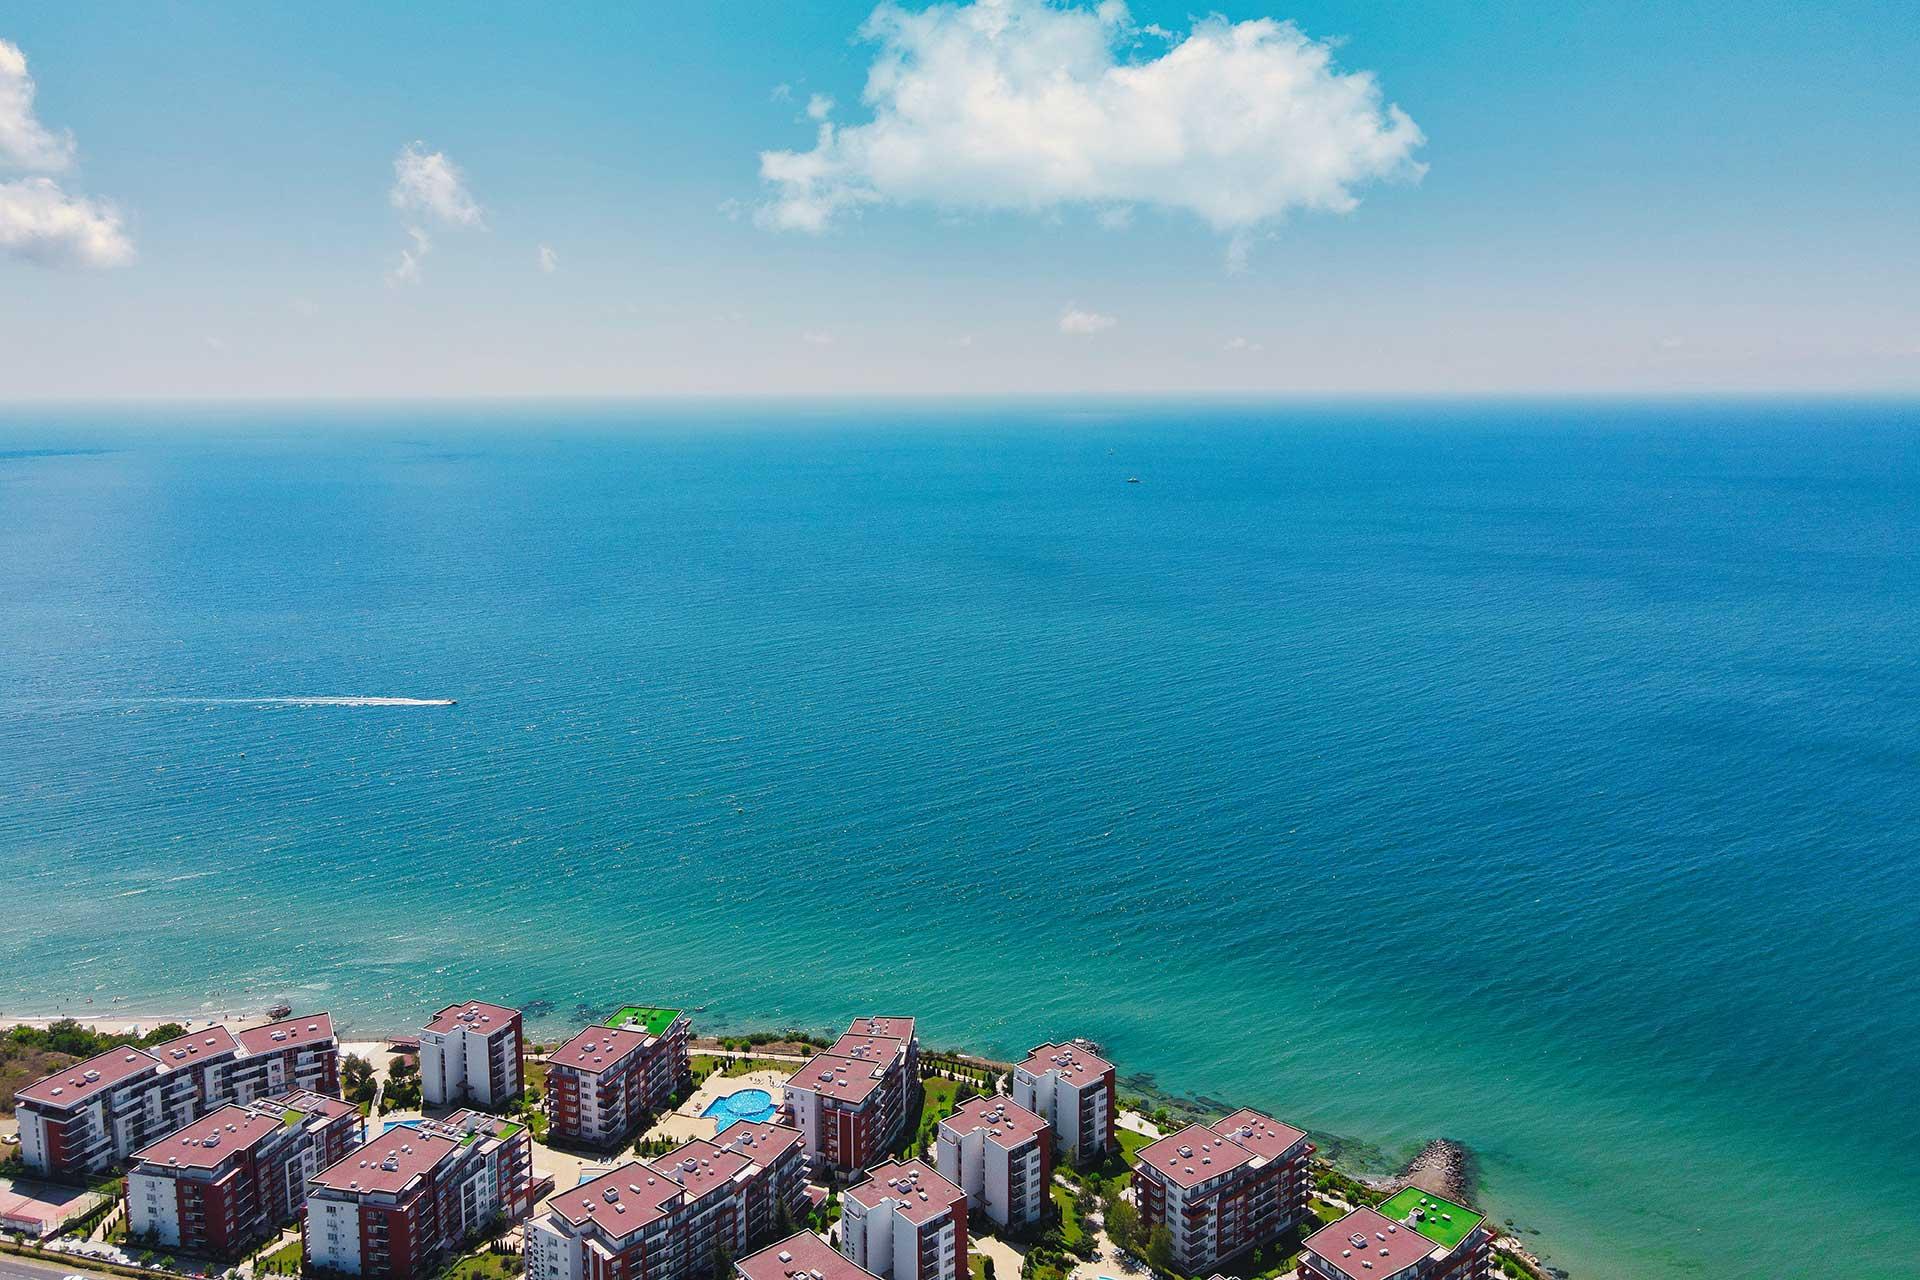 Недвижимость в болгарии у моря форум гоа недвижимость купить